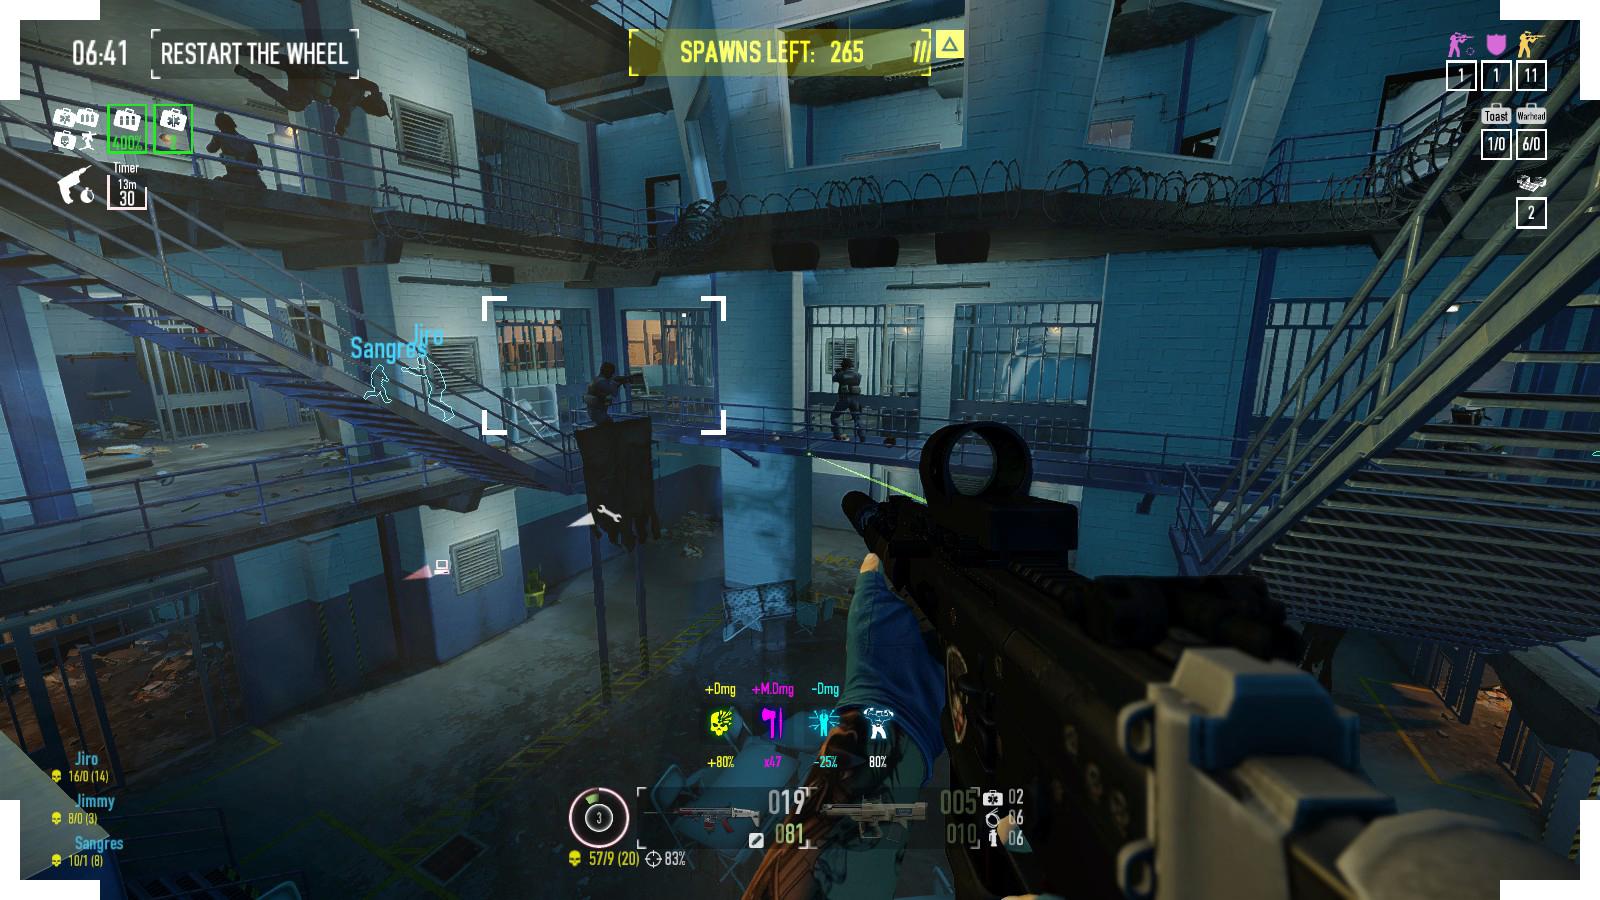 Оружие для охраны казино смотреть фильмы онлайн бесплатно агент 007 казино рояль в хорошем качестве